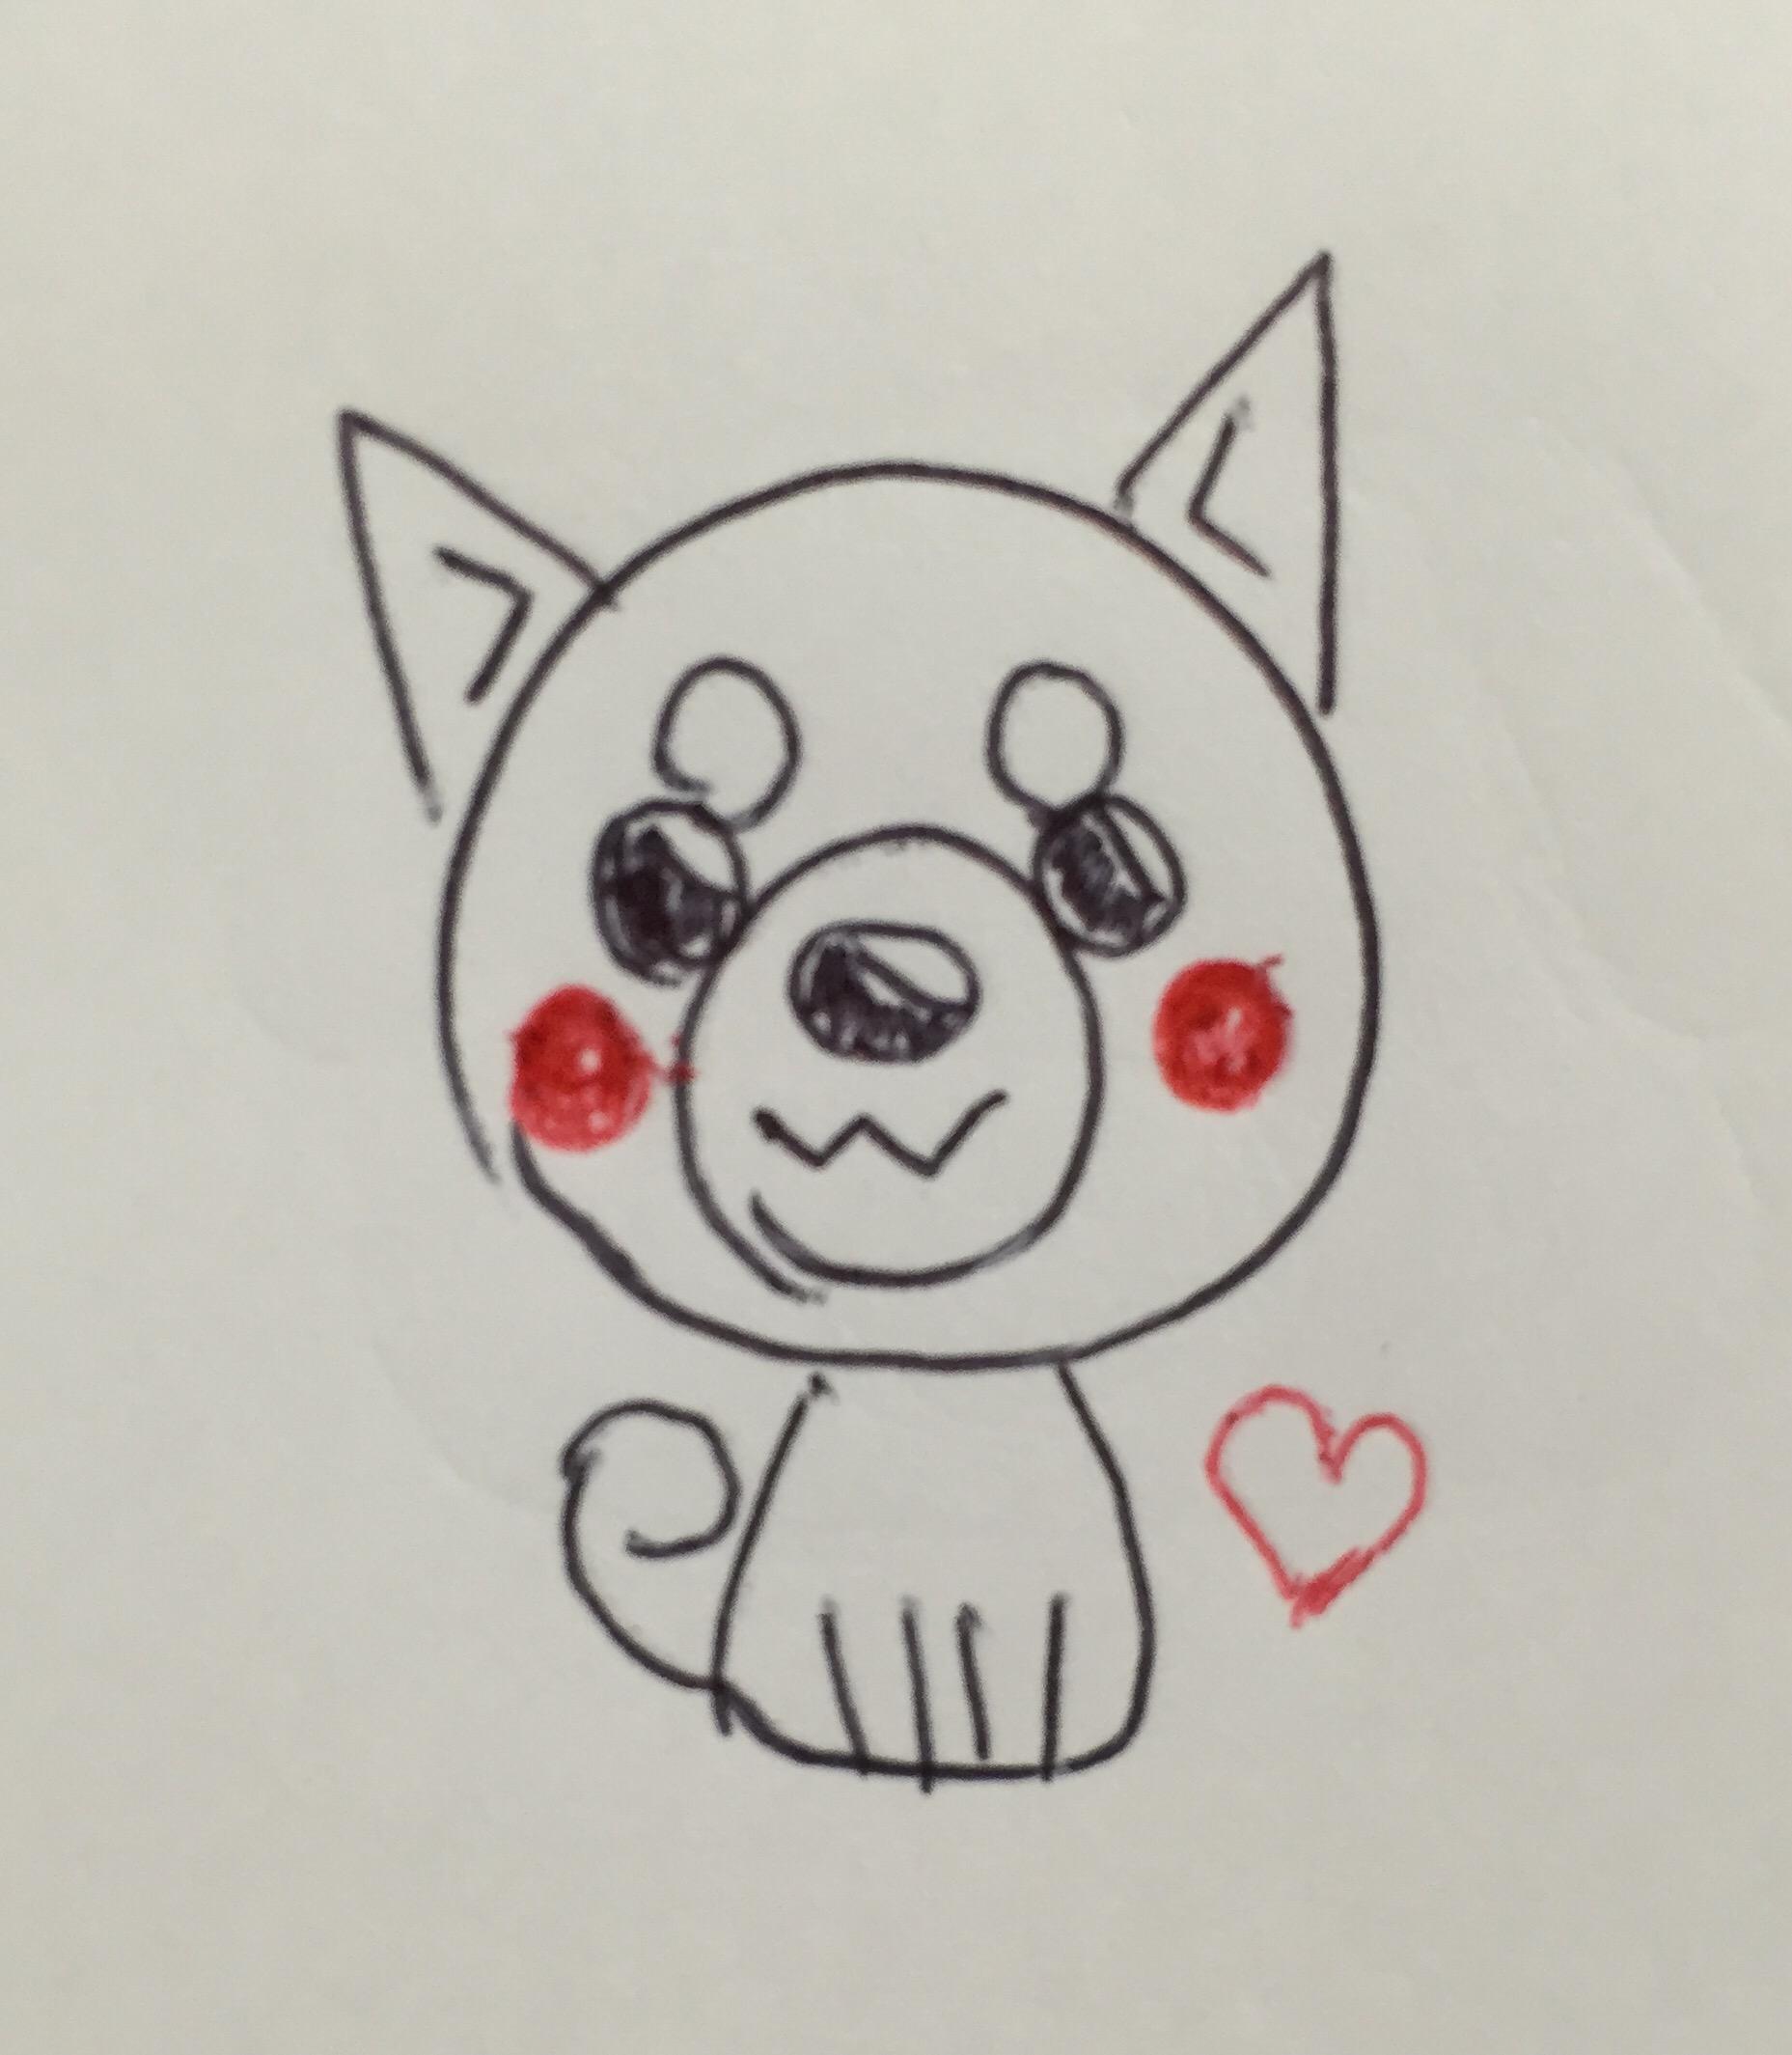 年賀状2018戌年(犬)のイラストの描き方!手作りで可愛い絵を描く方法を